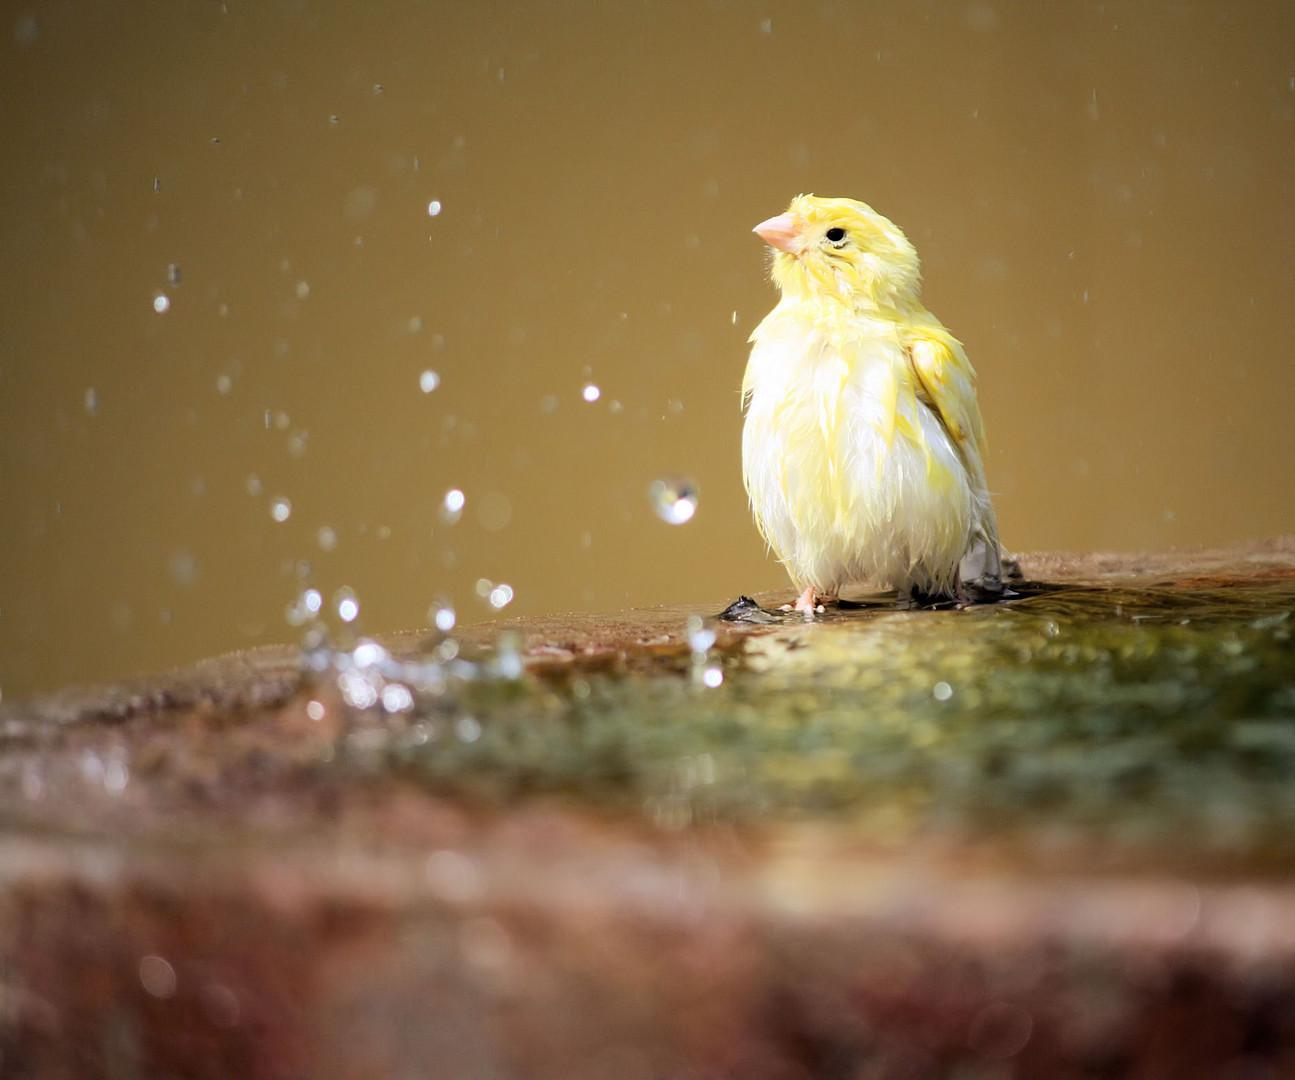 Kanarienvogel sucht Erfrischung